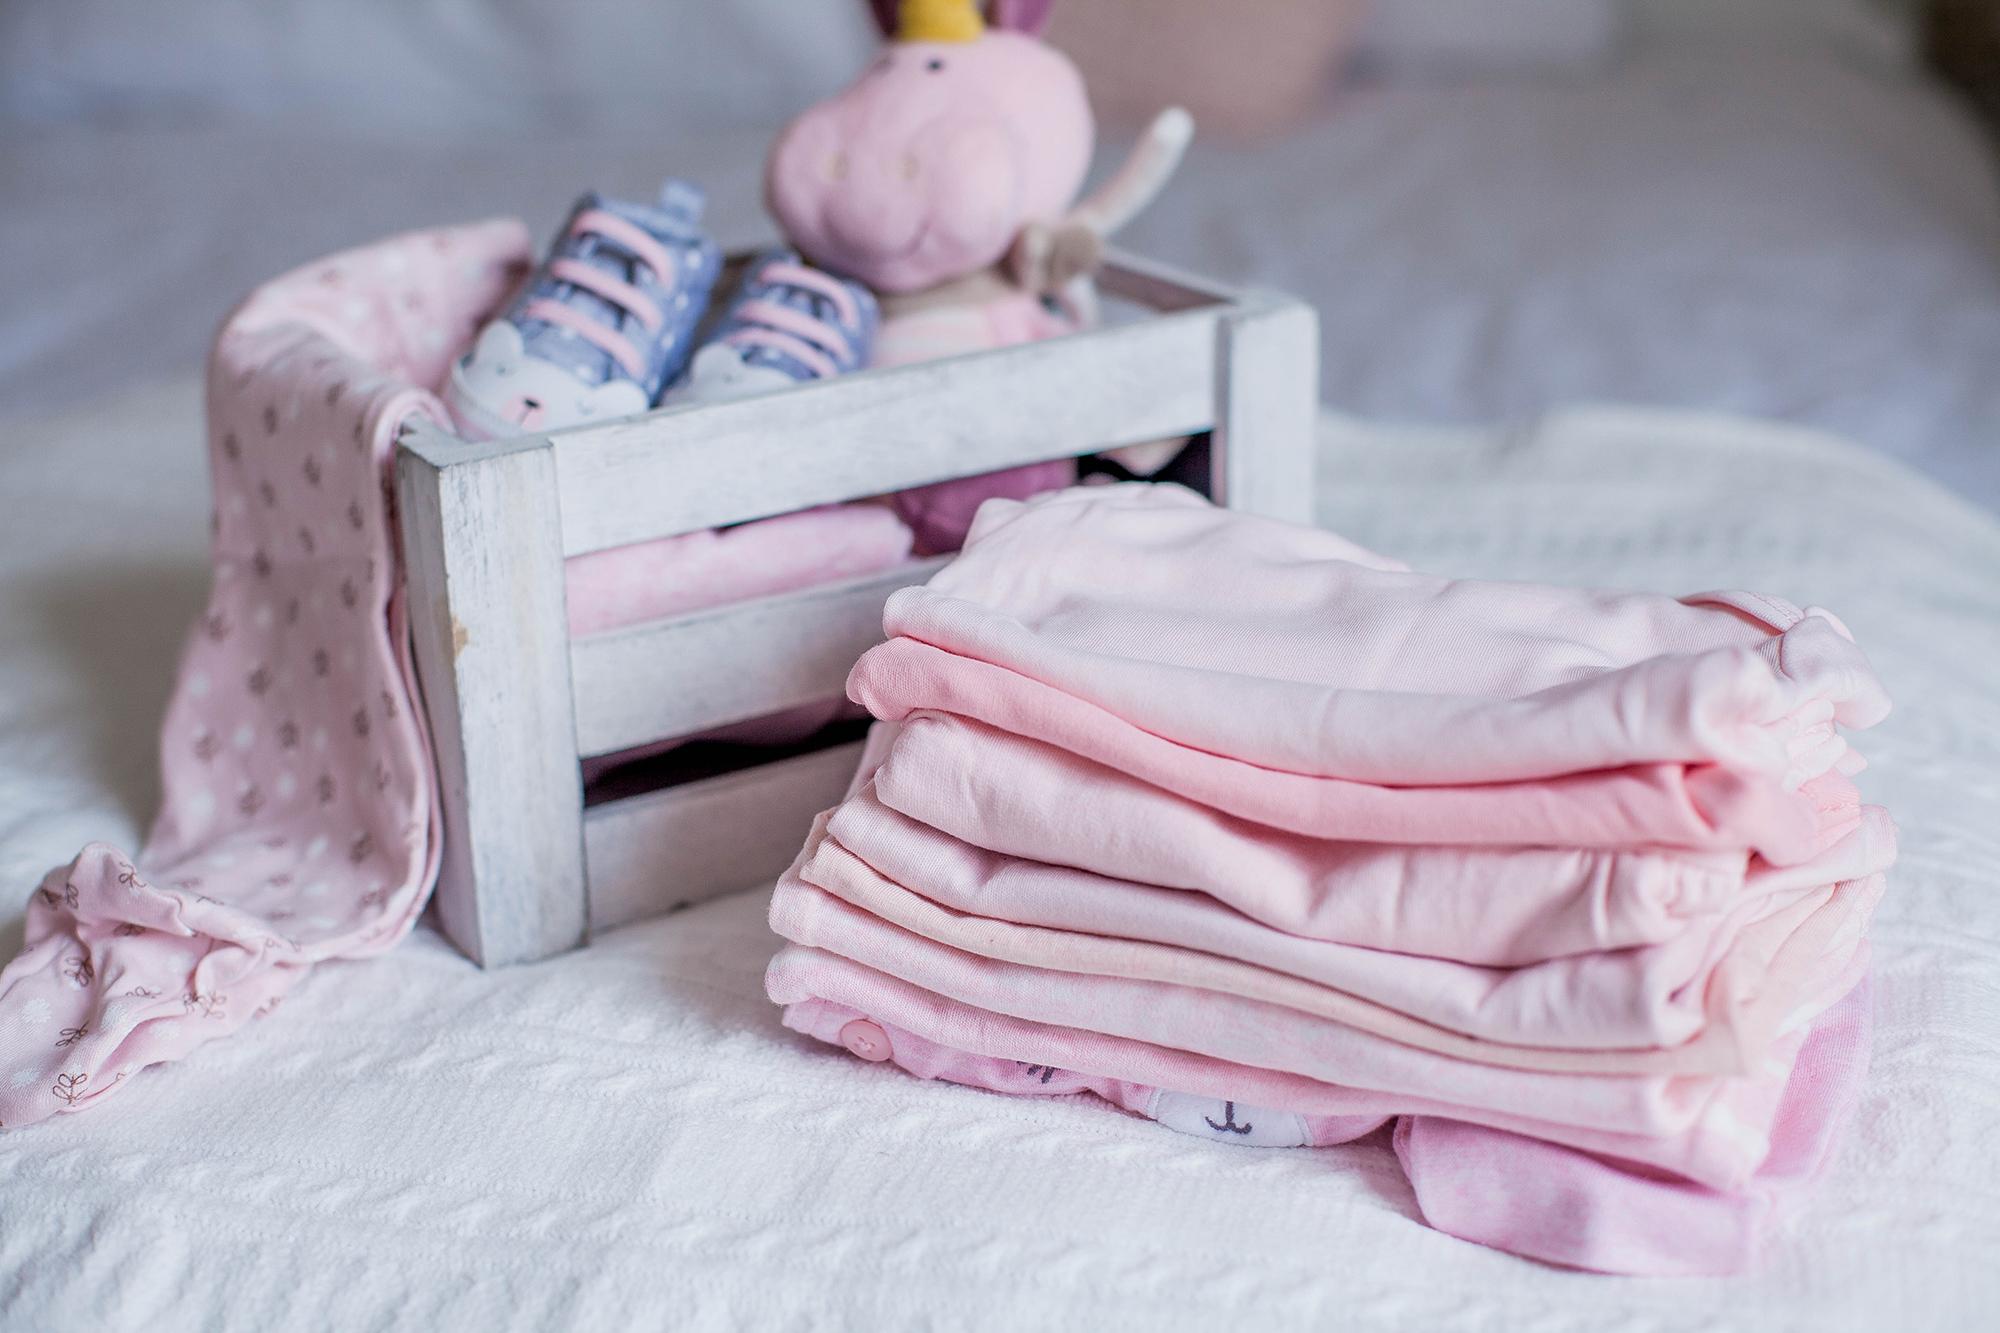 Grafika ukazująca ubranka dla niemowlęcia na zimowe spacery